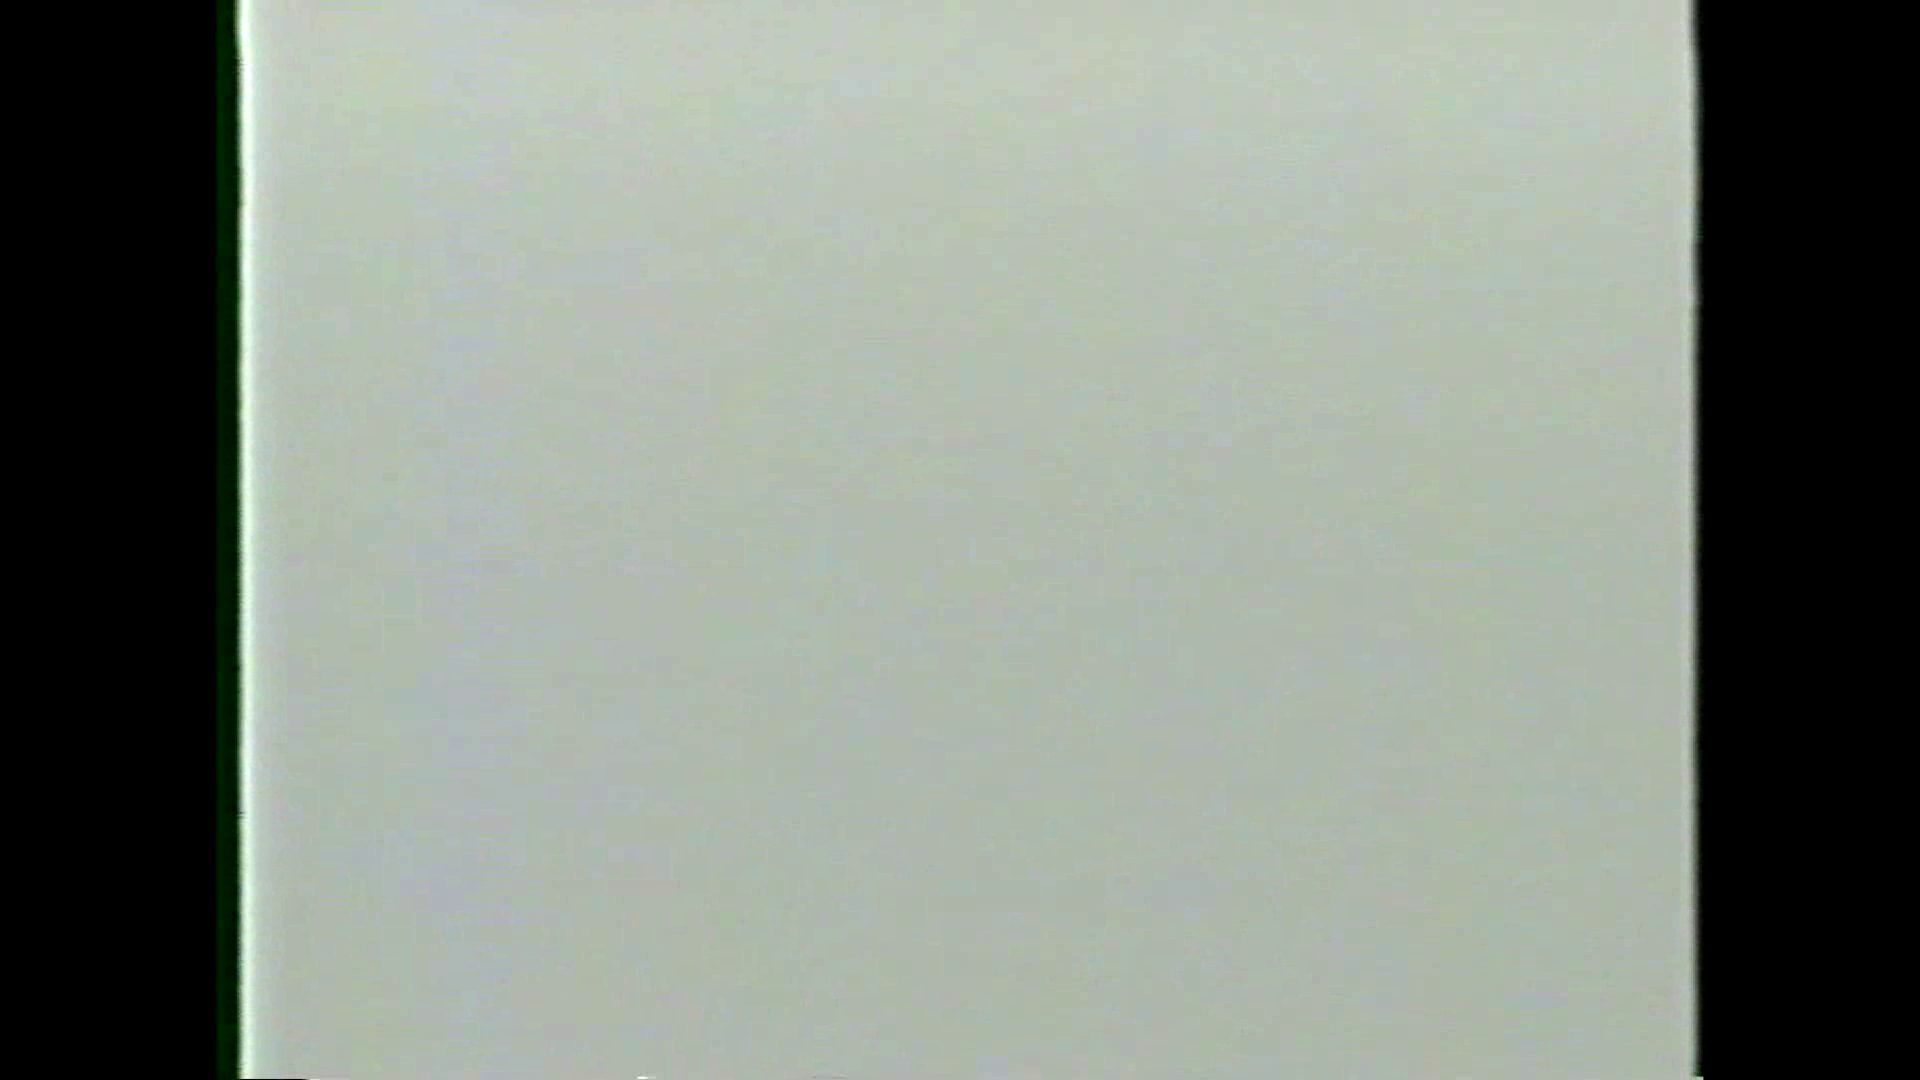 MADOKAさんのズリネタコレクションVol.3-4 ゲイマニア | 0  108pic 88